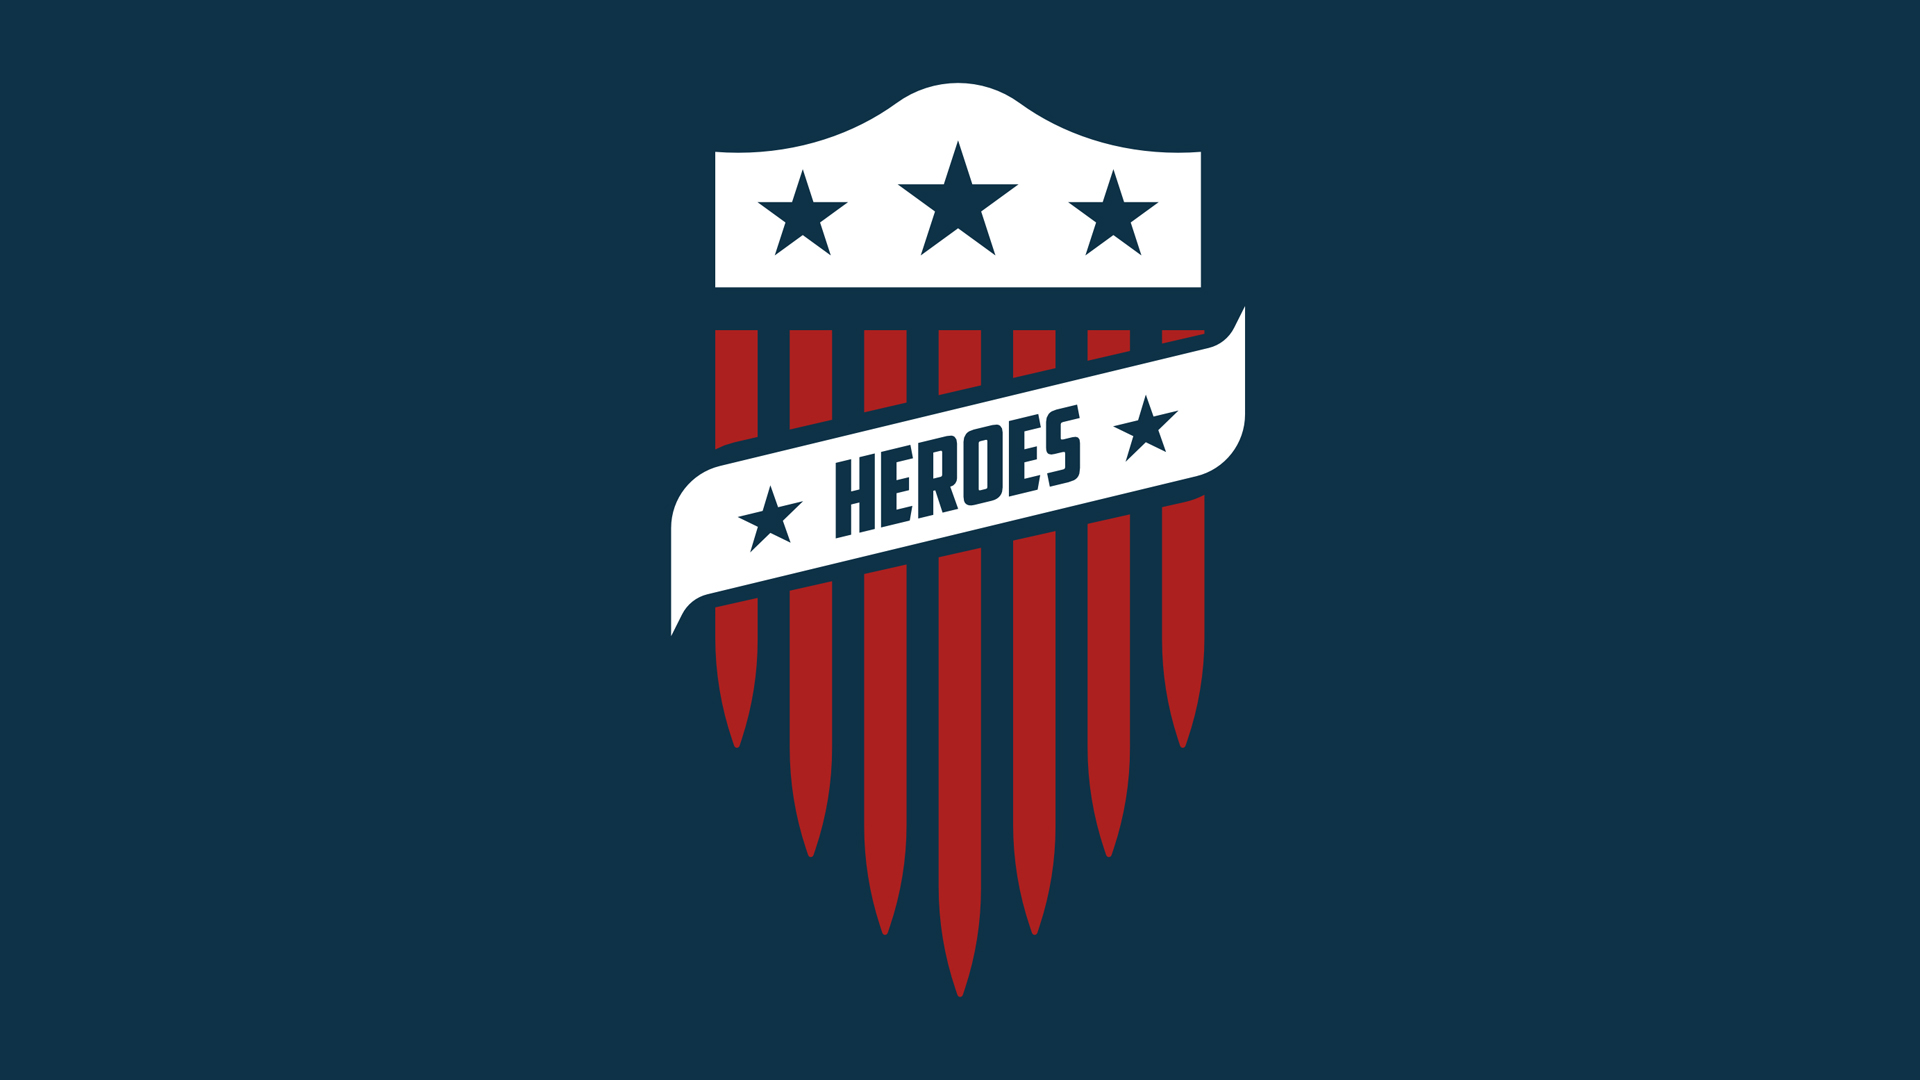 Heroes Series Graphic.jpg